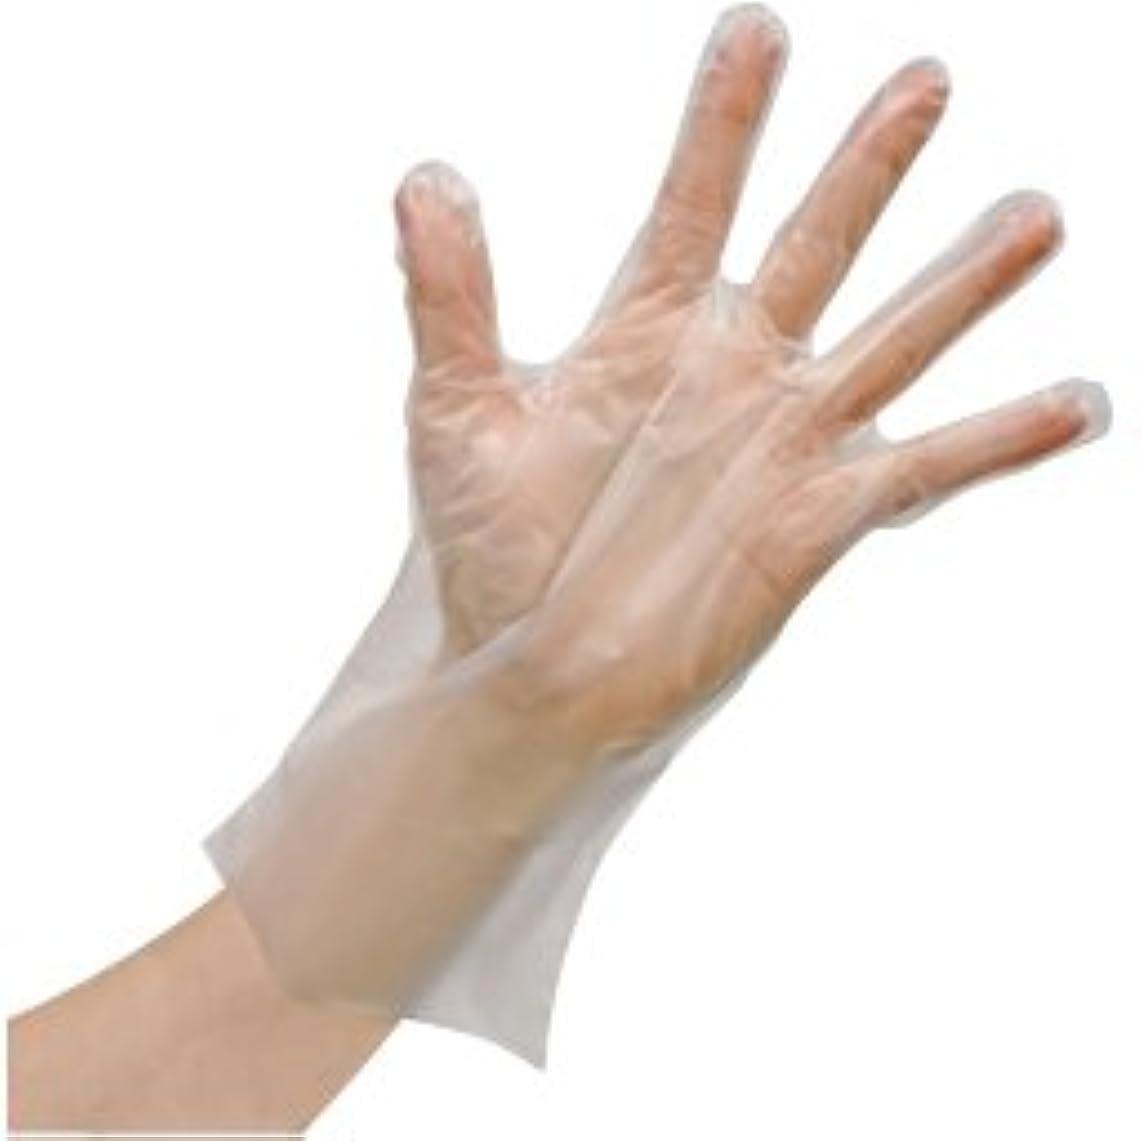 バング立派なマッサージ使いきりLDポリエチレン手袋(箱) FR-5813(L)100???? ?????LD????????(??)(24-6743-02)【ファーストレイト】[60箱単位]